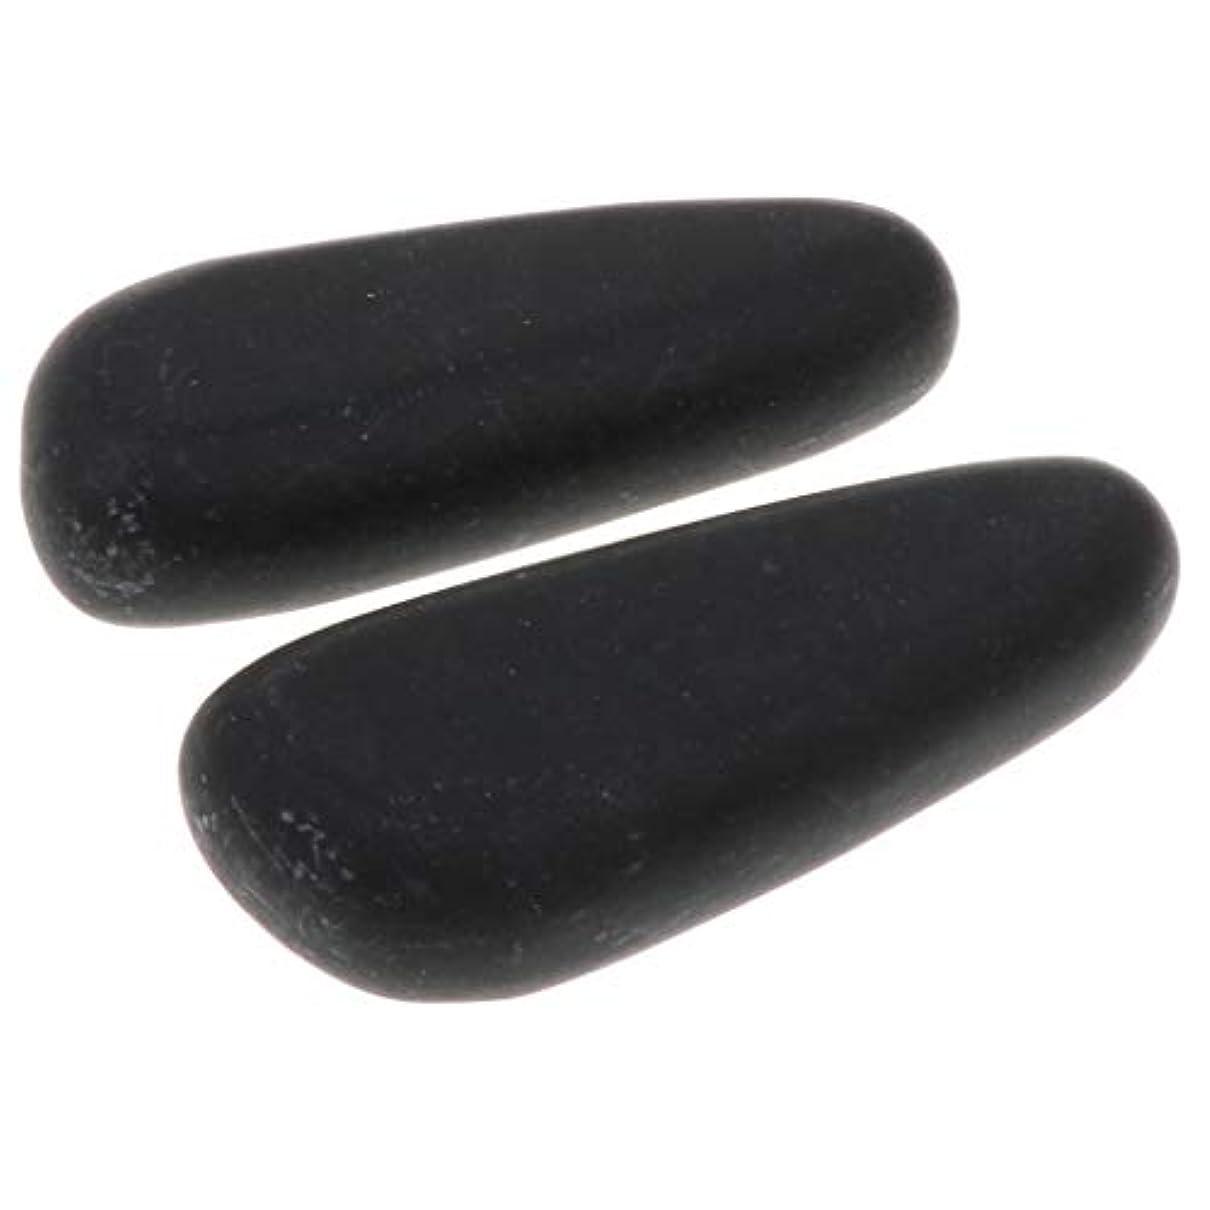 メロディアス傭兵別にFenteer 全2サイズ ホットストーン マッサージ石 マッサージストーン 玄武岩 ボディマッサージ スパ 2個入 - 8×3.2×2cm